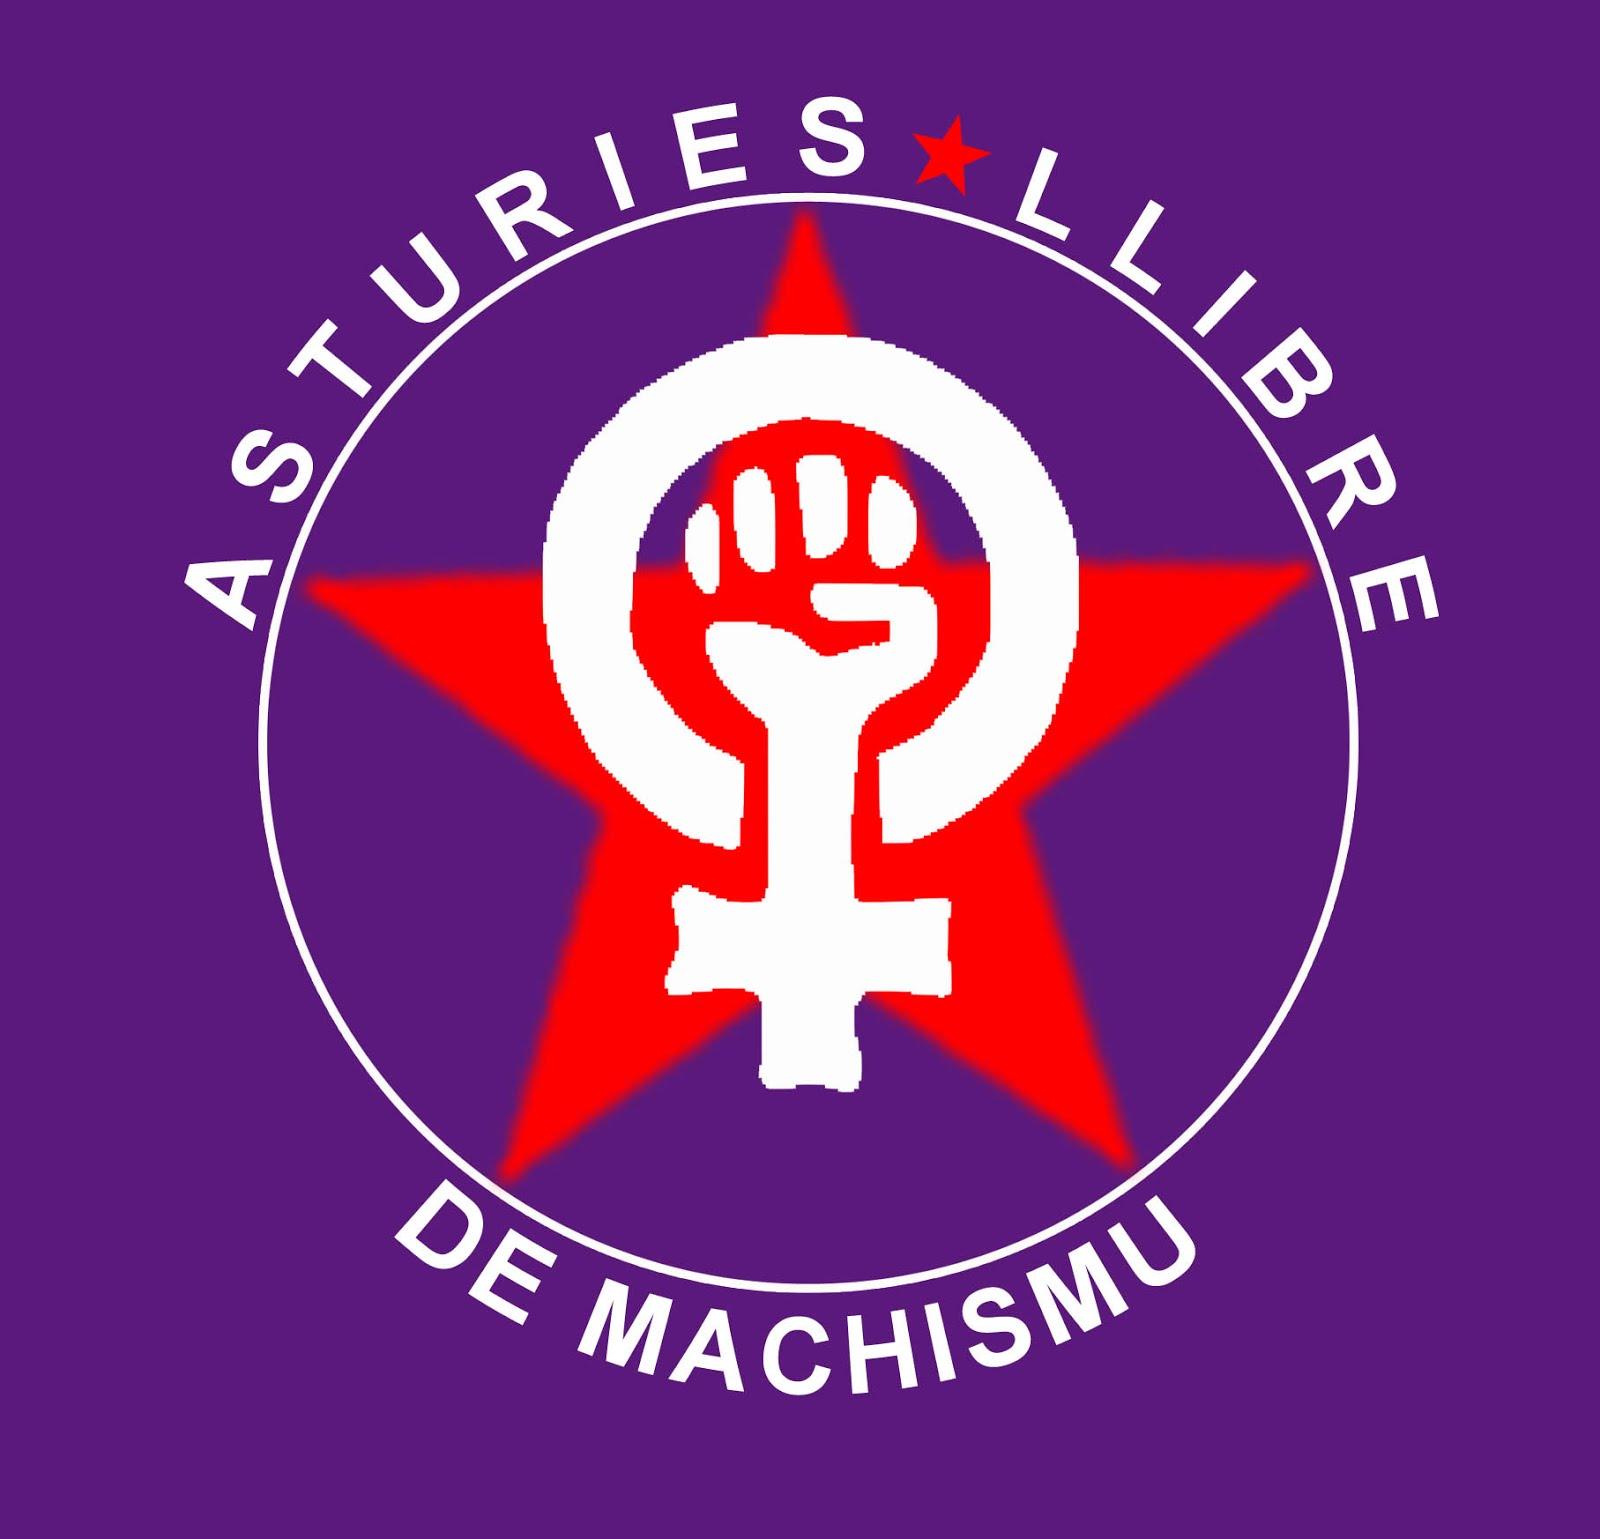 ASTURIES LLIBRE DE MACHISMU